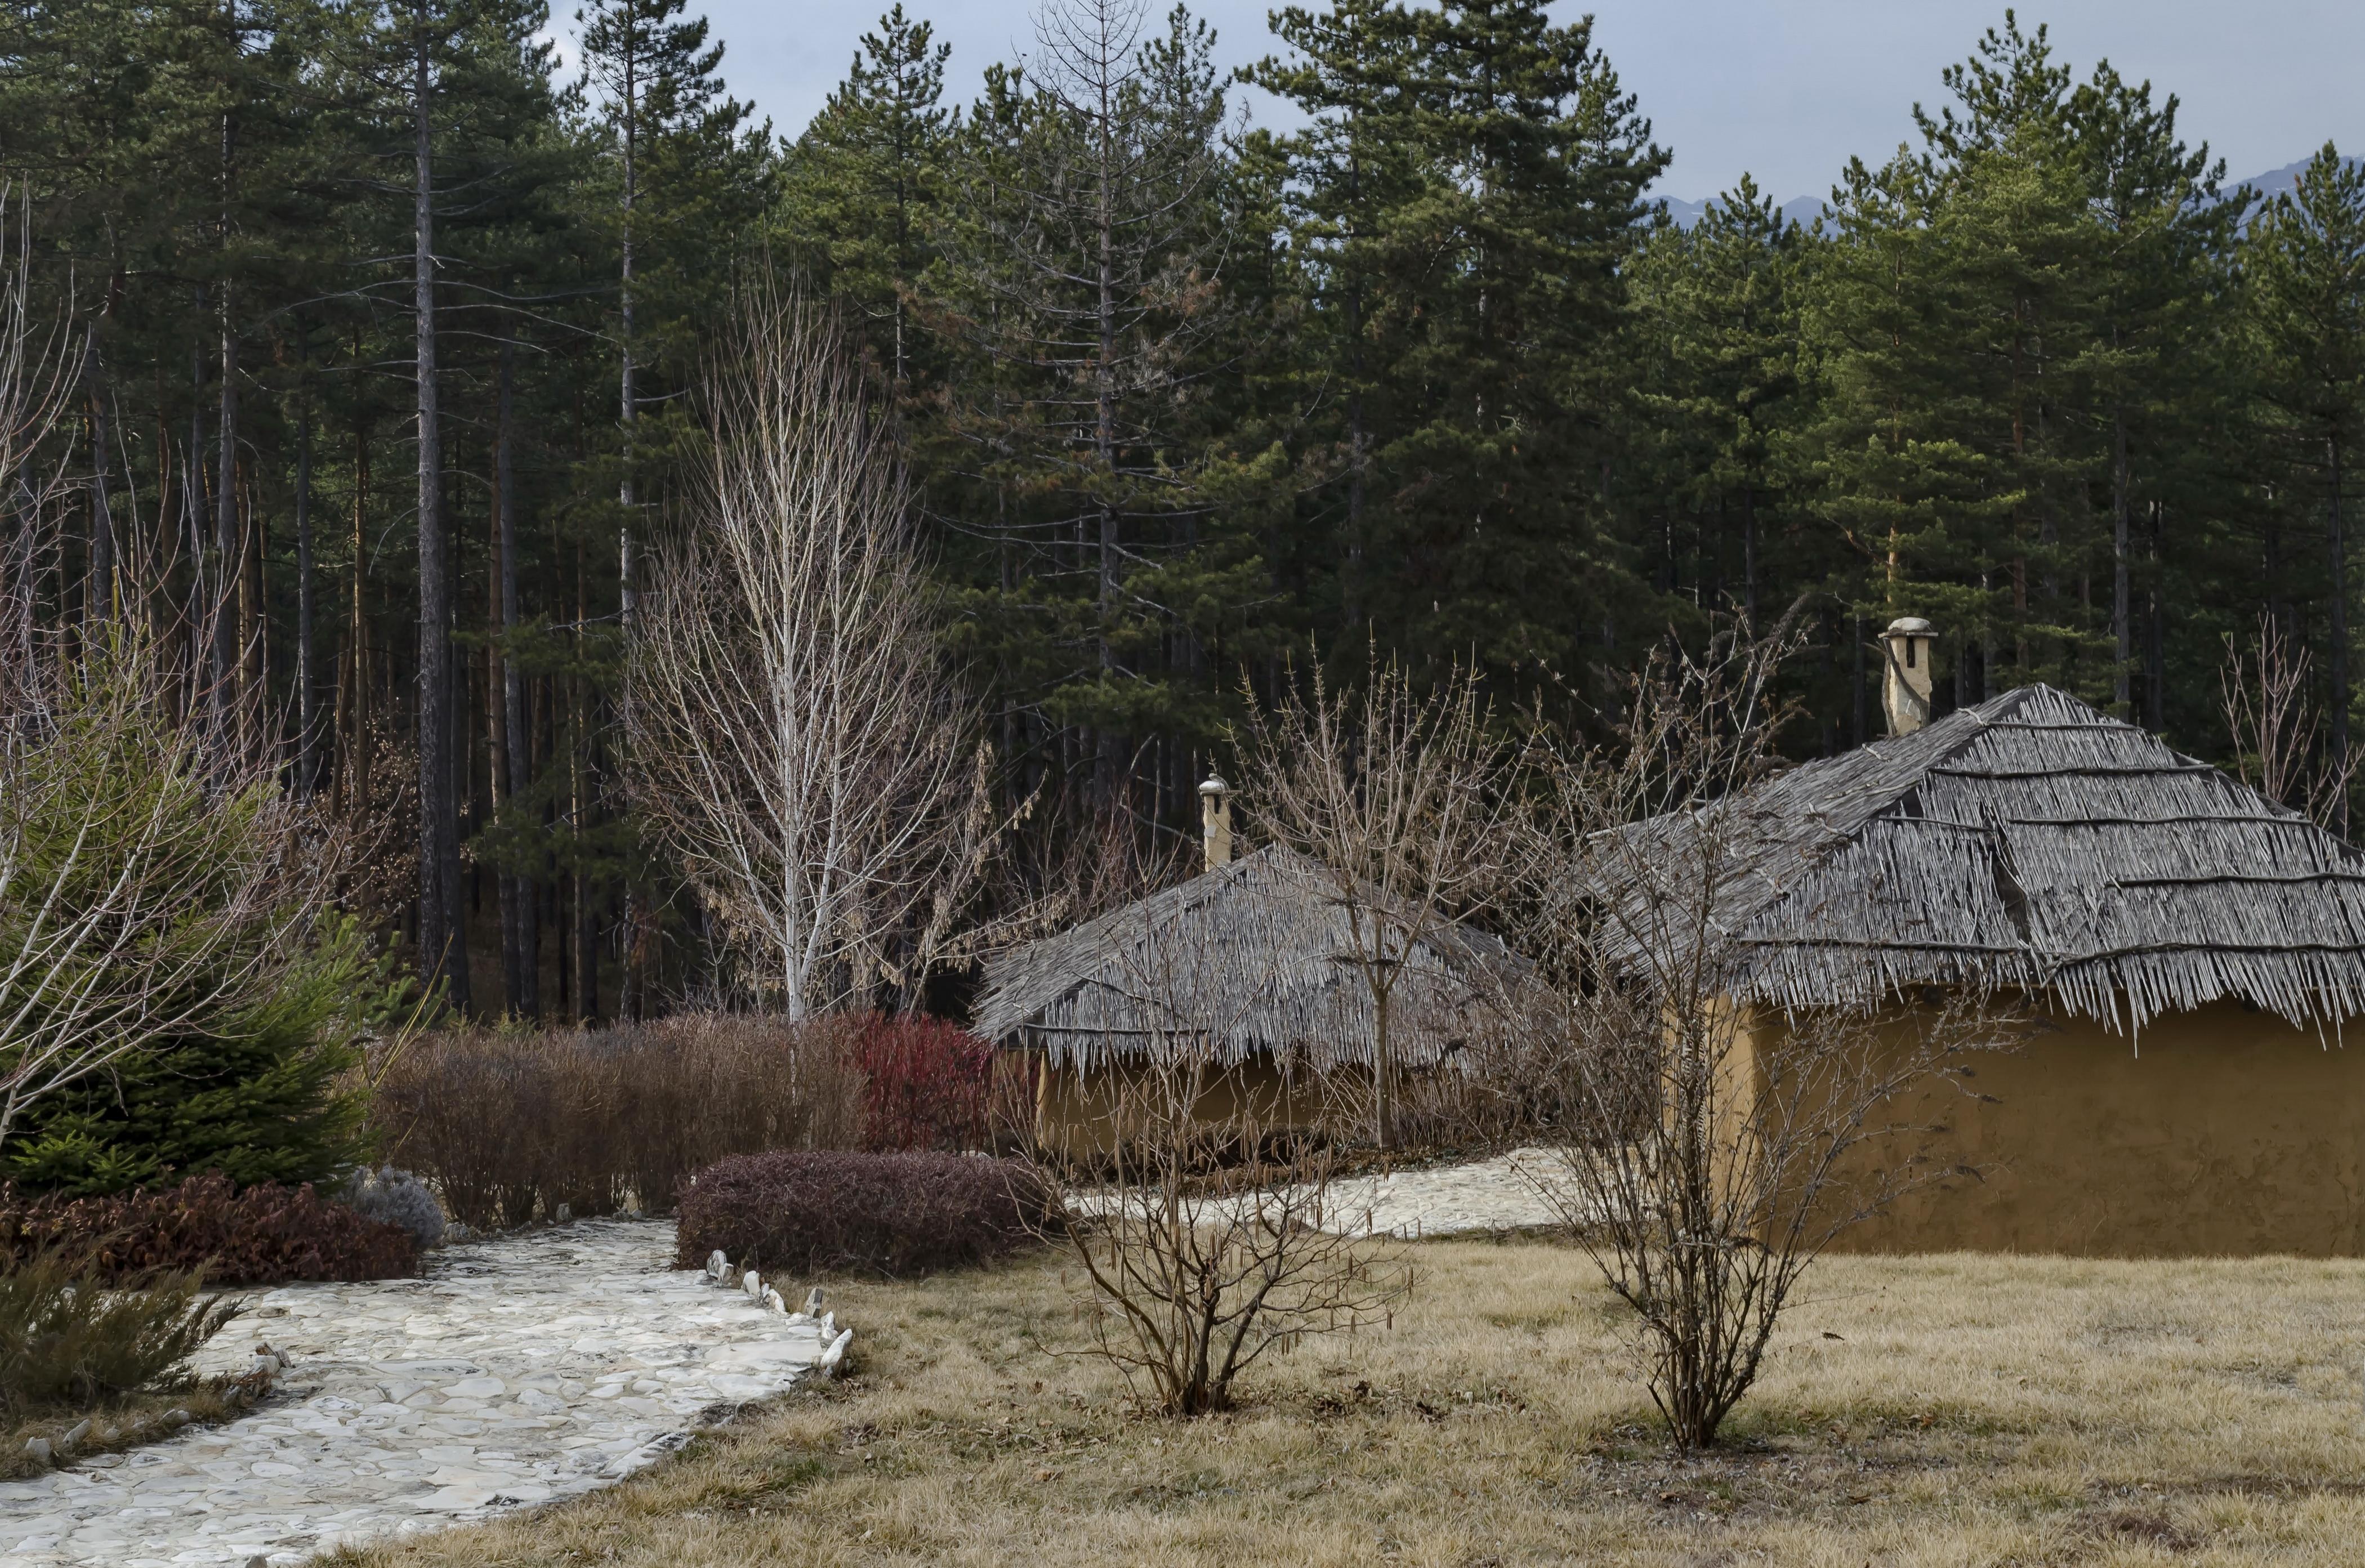 <p>Село Чавдар не е толкова непознато, тъй като нашумя в интернет. Извън селото обаче се намира археологически парк &quot;Тополница&quot;. Малките къщички, направени целите от кал, слама и колове, пресъздаващи раннонеолитно селище, датирано от преди 7000 години. Ако искате да се впуснете в едно наистина нестандартно преживяване и да разберете как са живели хората преди хиляди години, то това е мястото за Вас.</p>